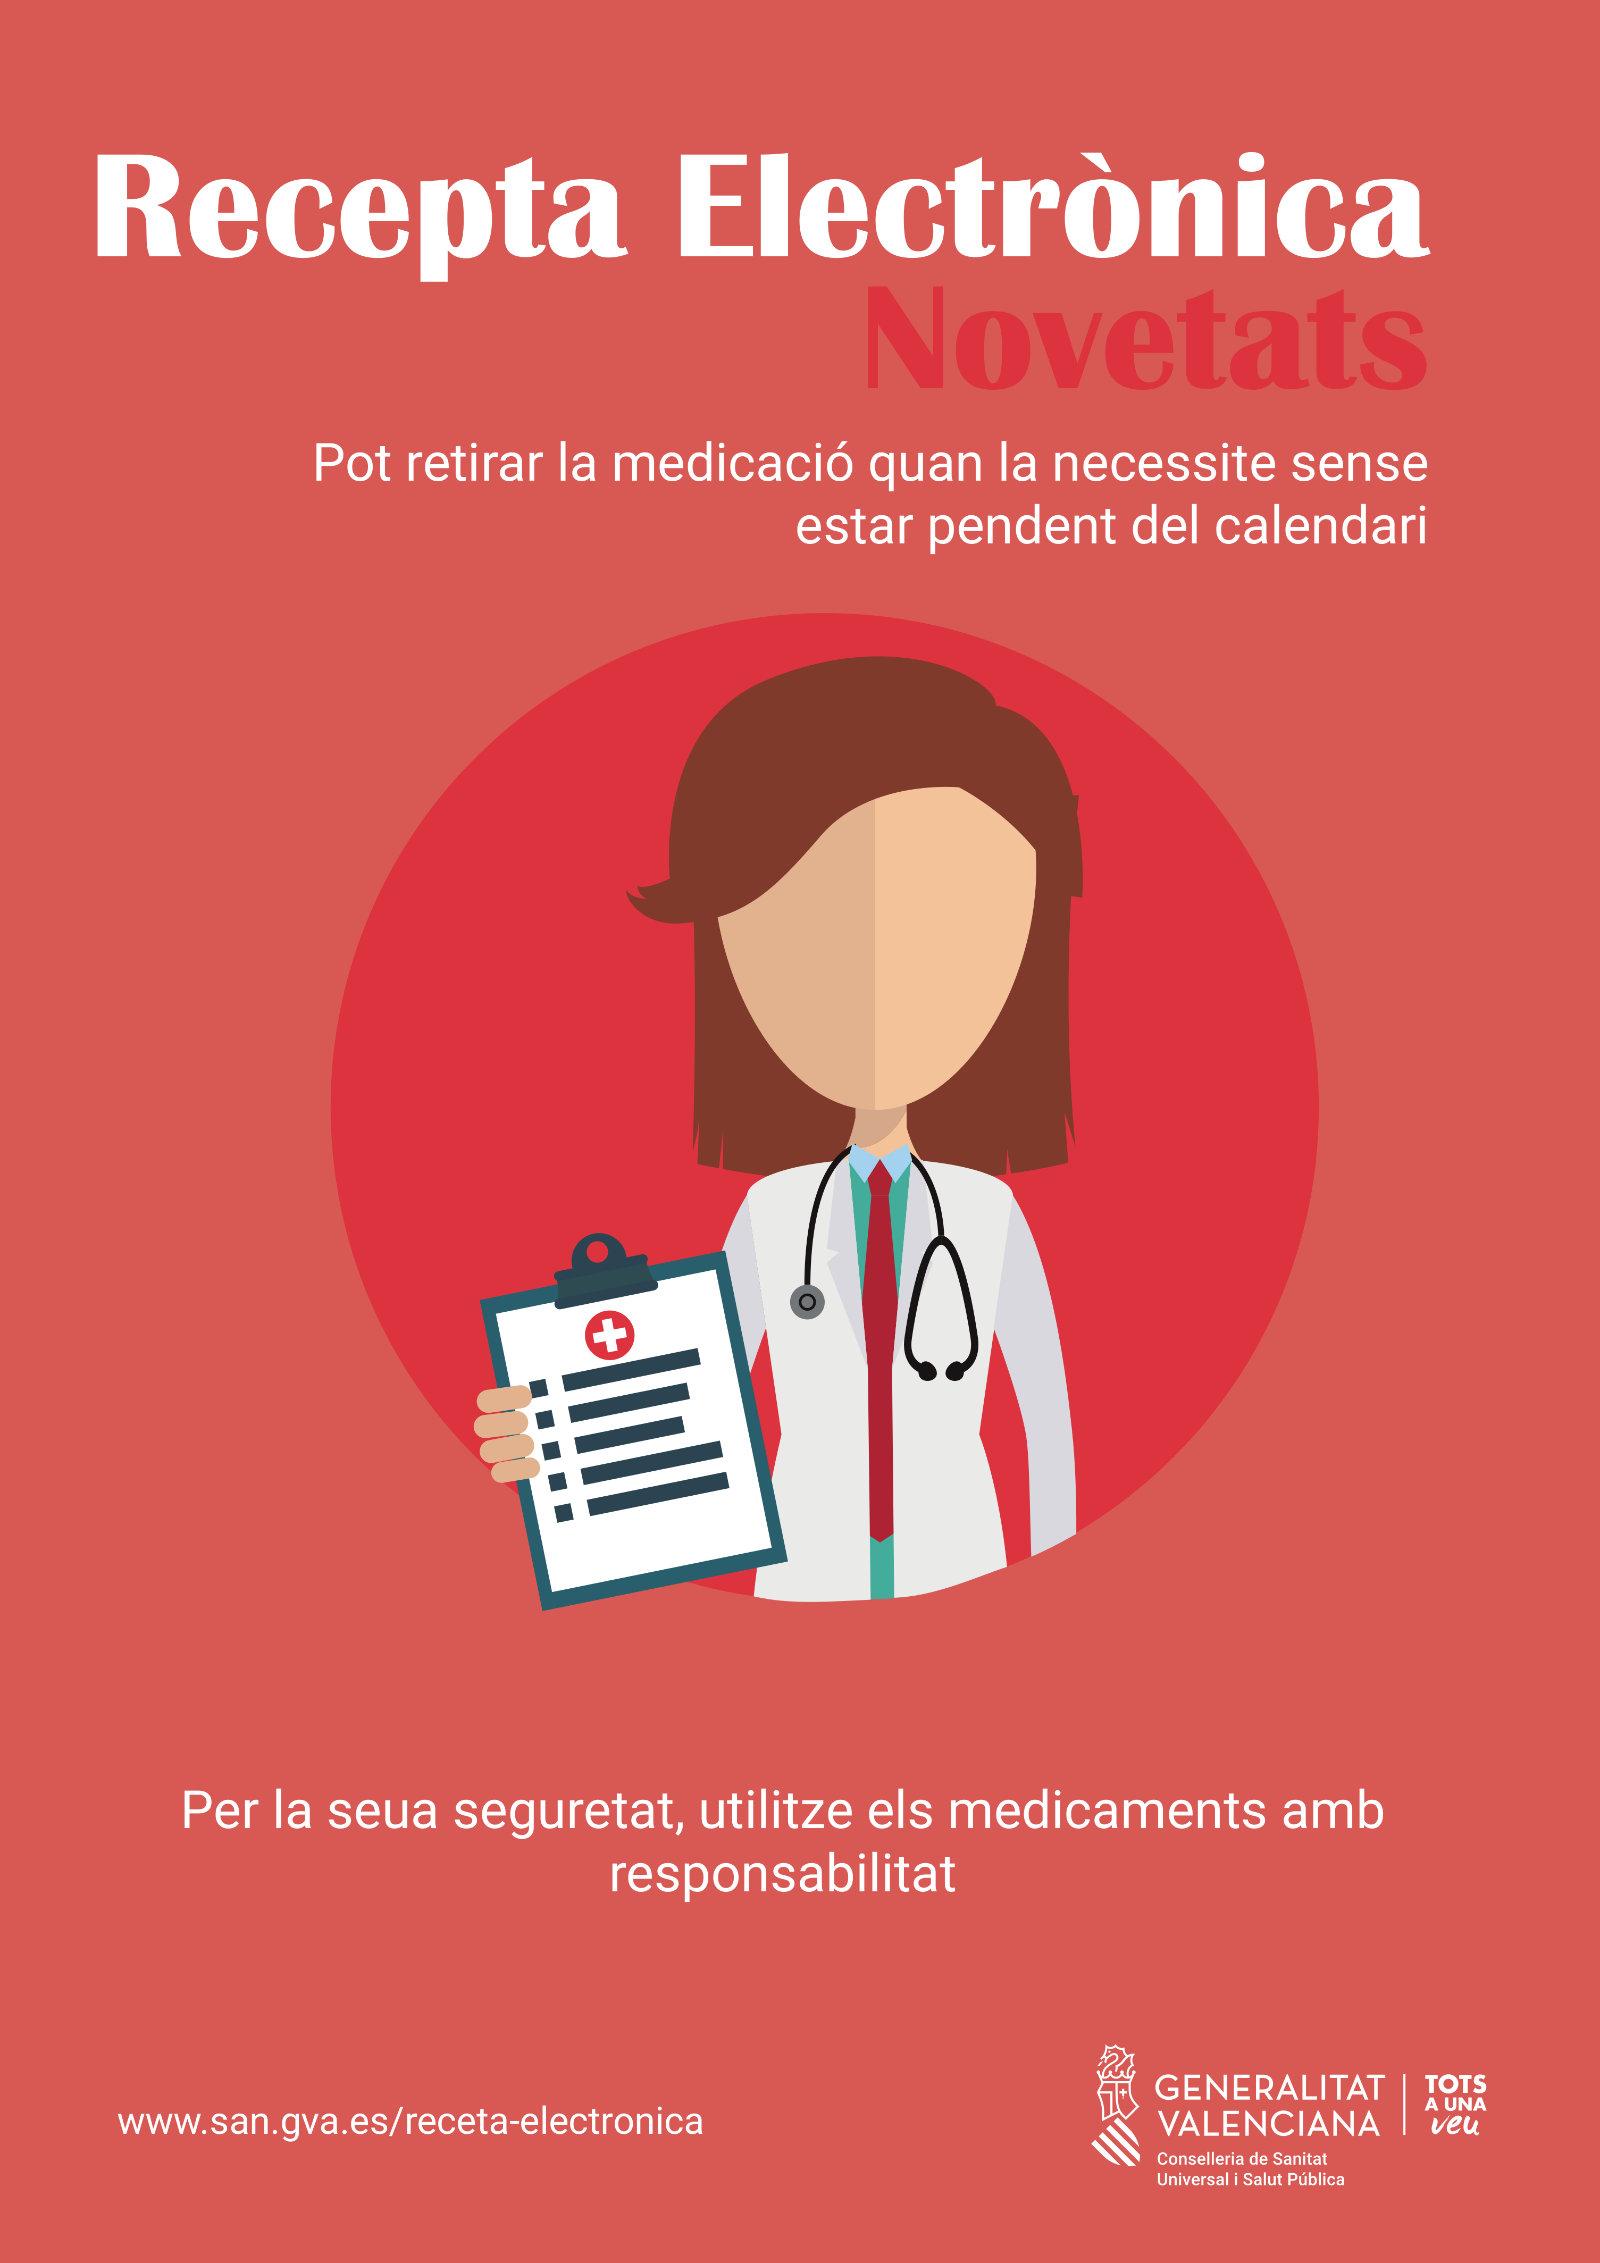 Novedades en receta electrónica: podrá retirar la medicación cuando la necesite sin estar pendiente del calendario